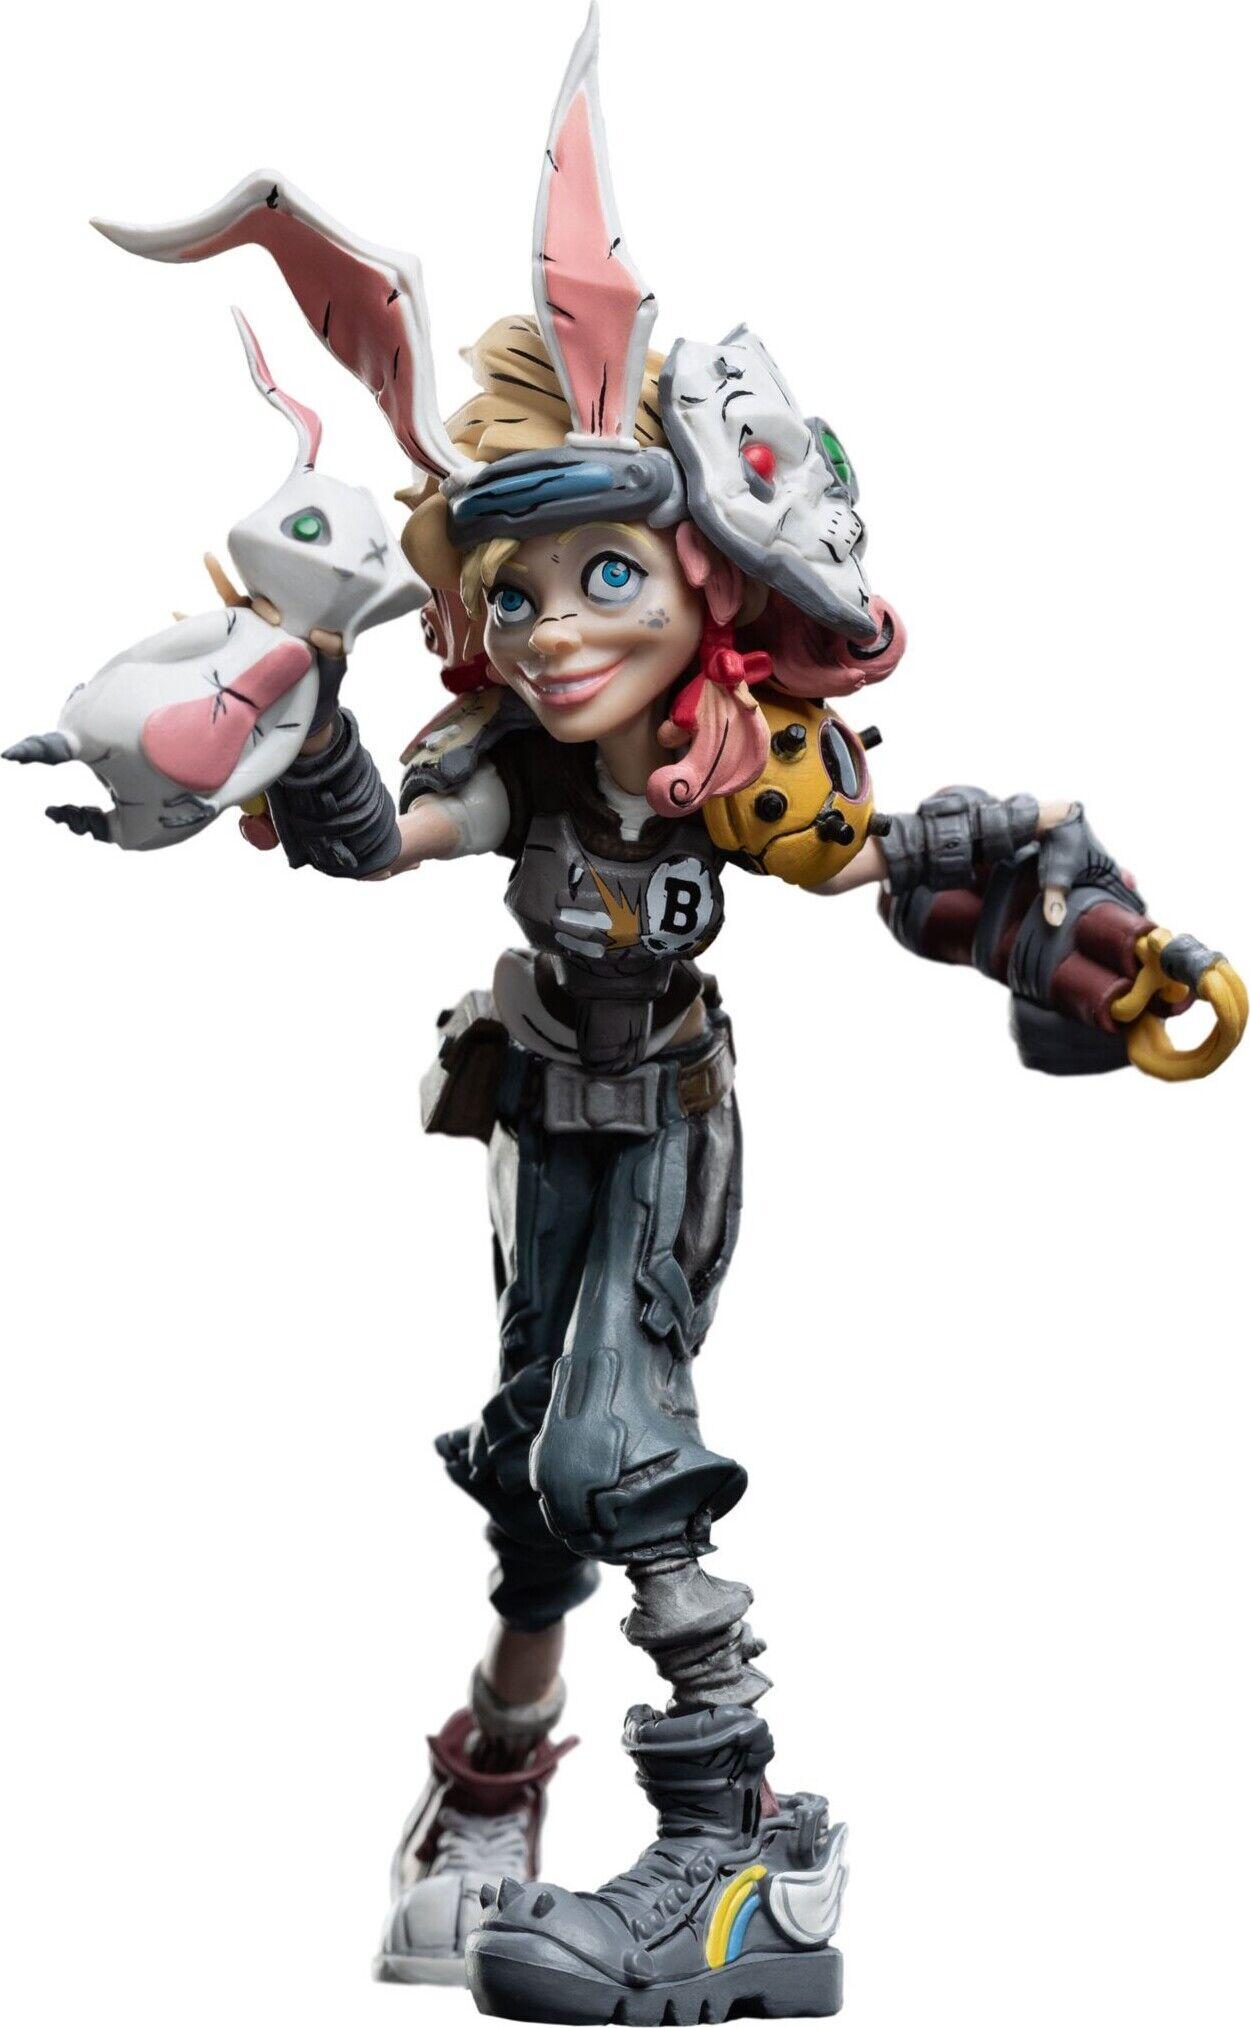 Borderlands 3 Figur - Tiny Tina